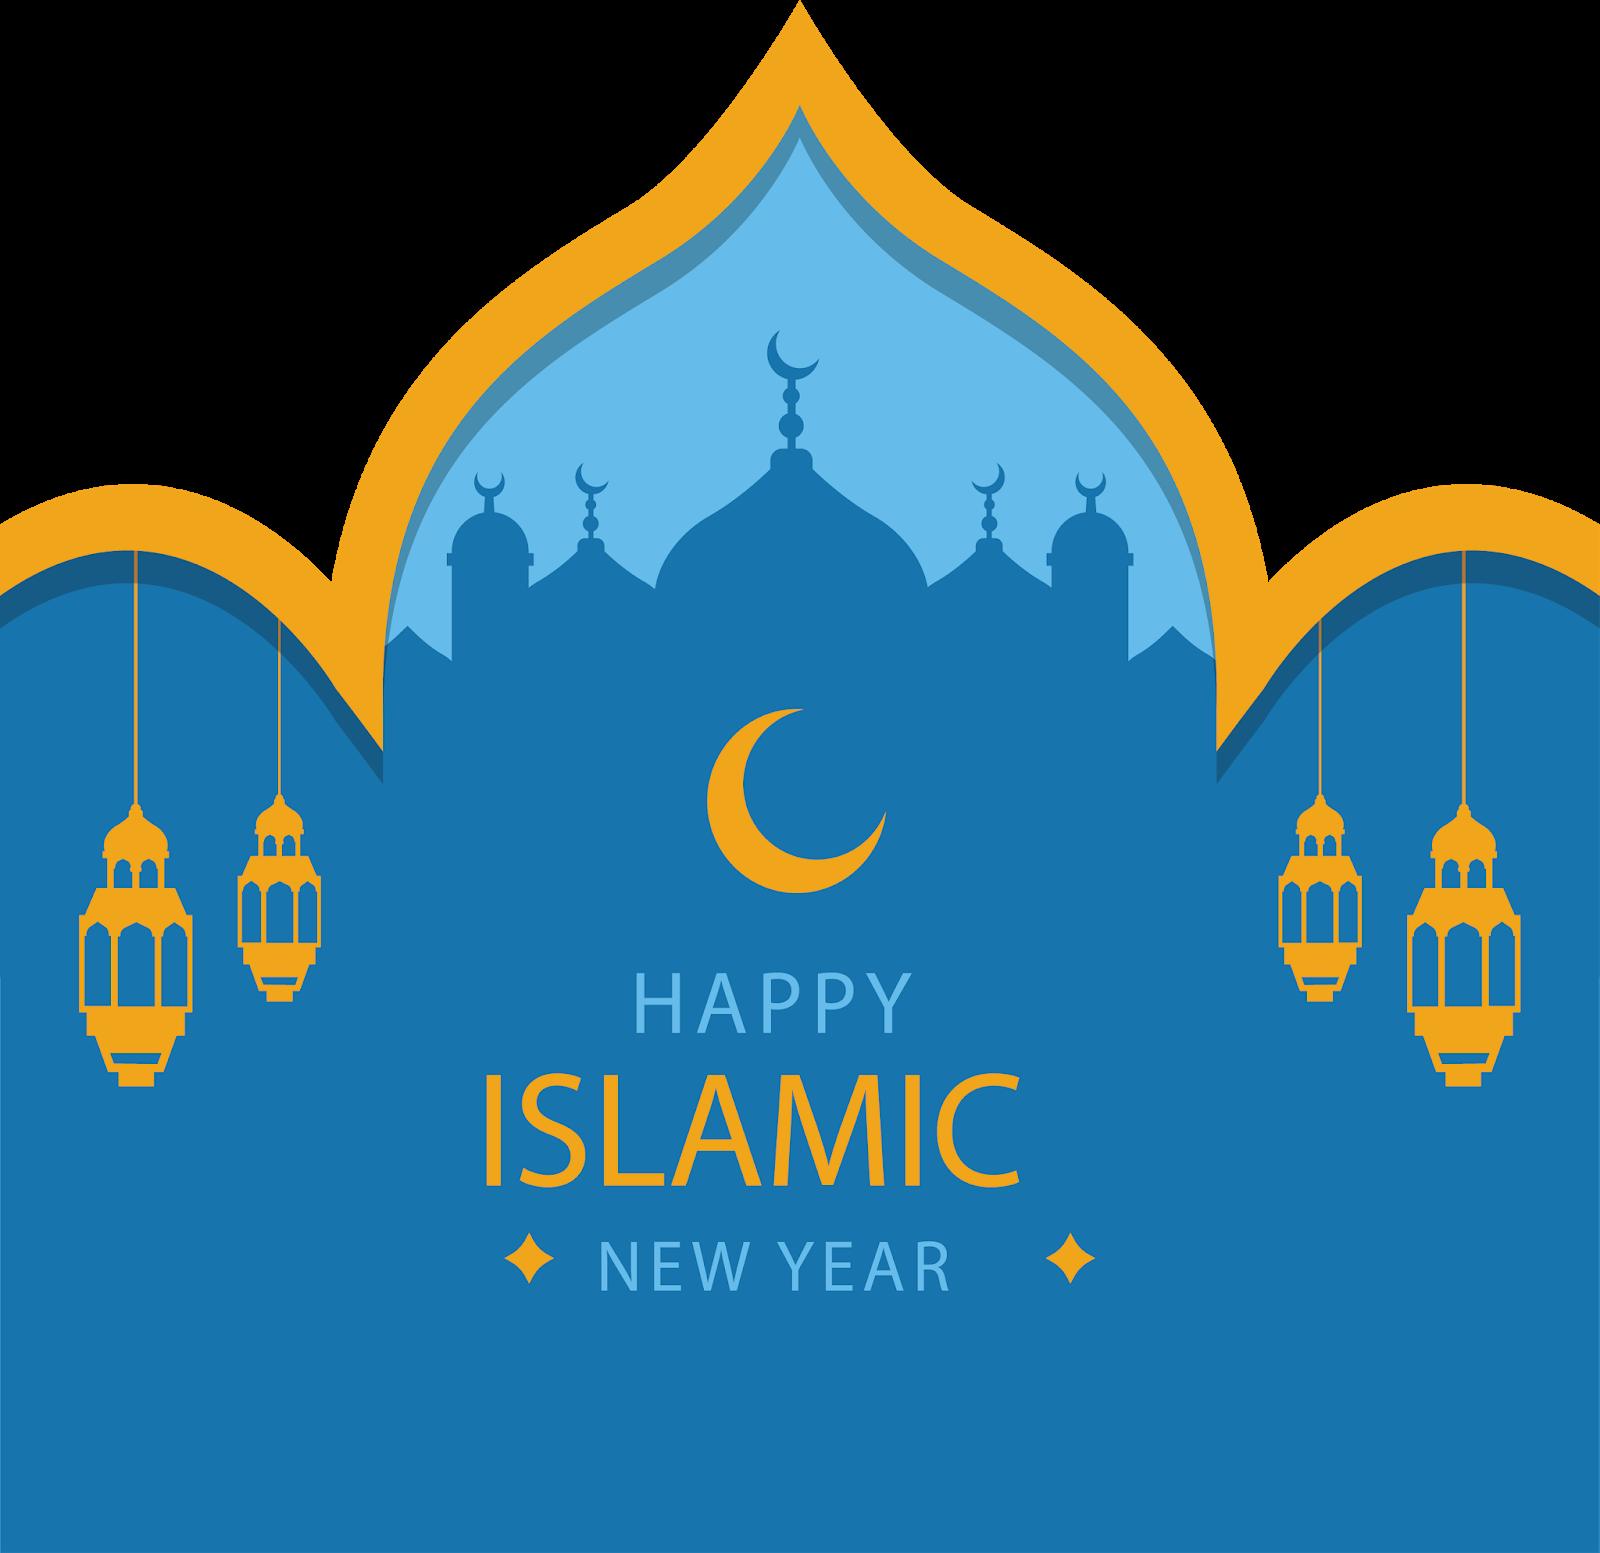 Kumpulan Ucapan Tahun Baru Islam Hijriah 2020 2021 Ecerpen Web Id 2020 2021